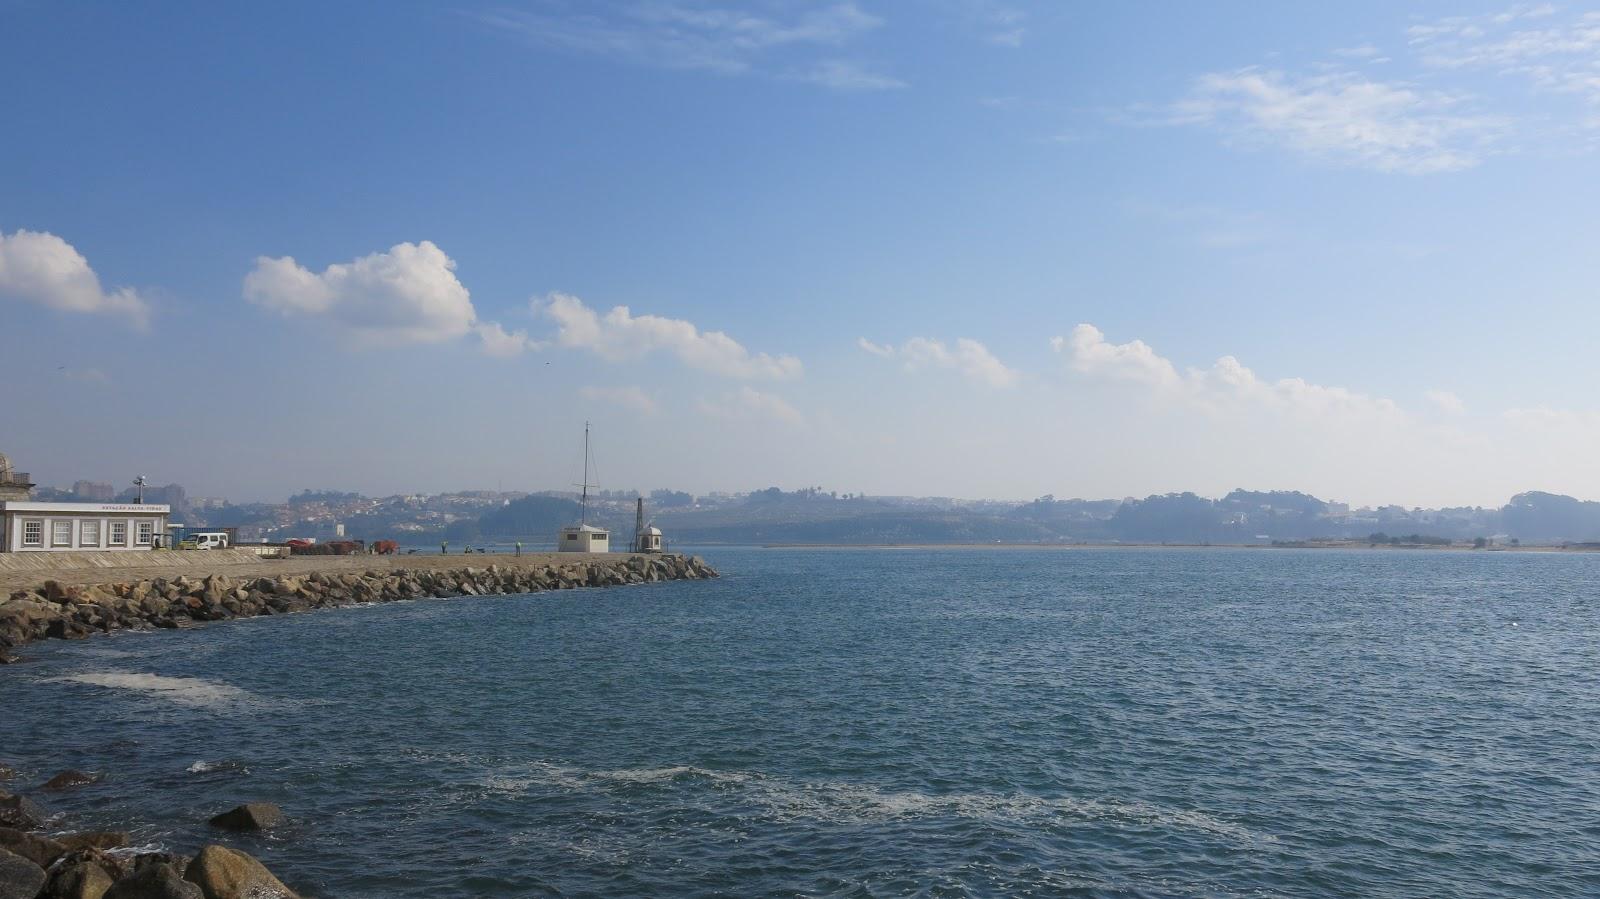 3267c5cf1 Seguindo o calçadão, vemos vários pescadores e o Farol de Felgueiras ao  longe. Na altura da Praia do Carneiro, a direita, podemos ver a Fortaleza de  São ...